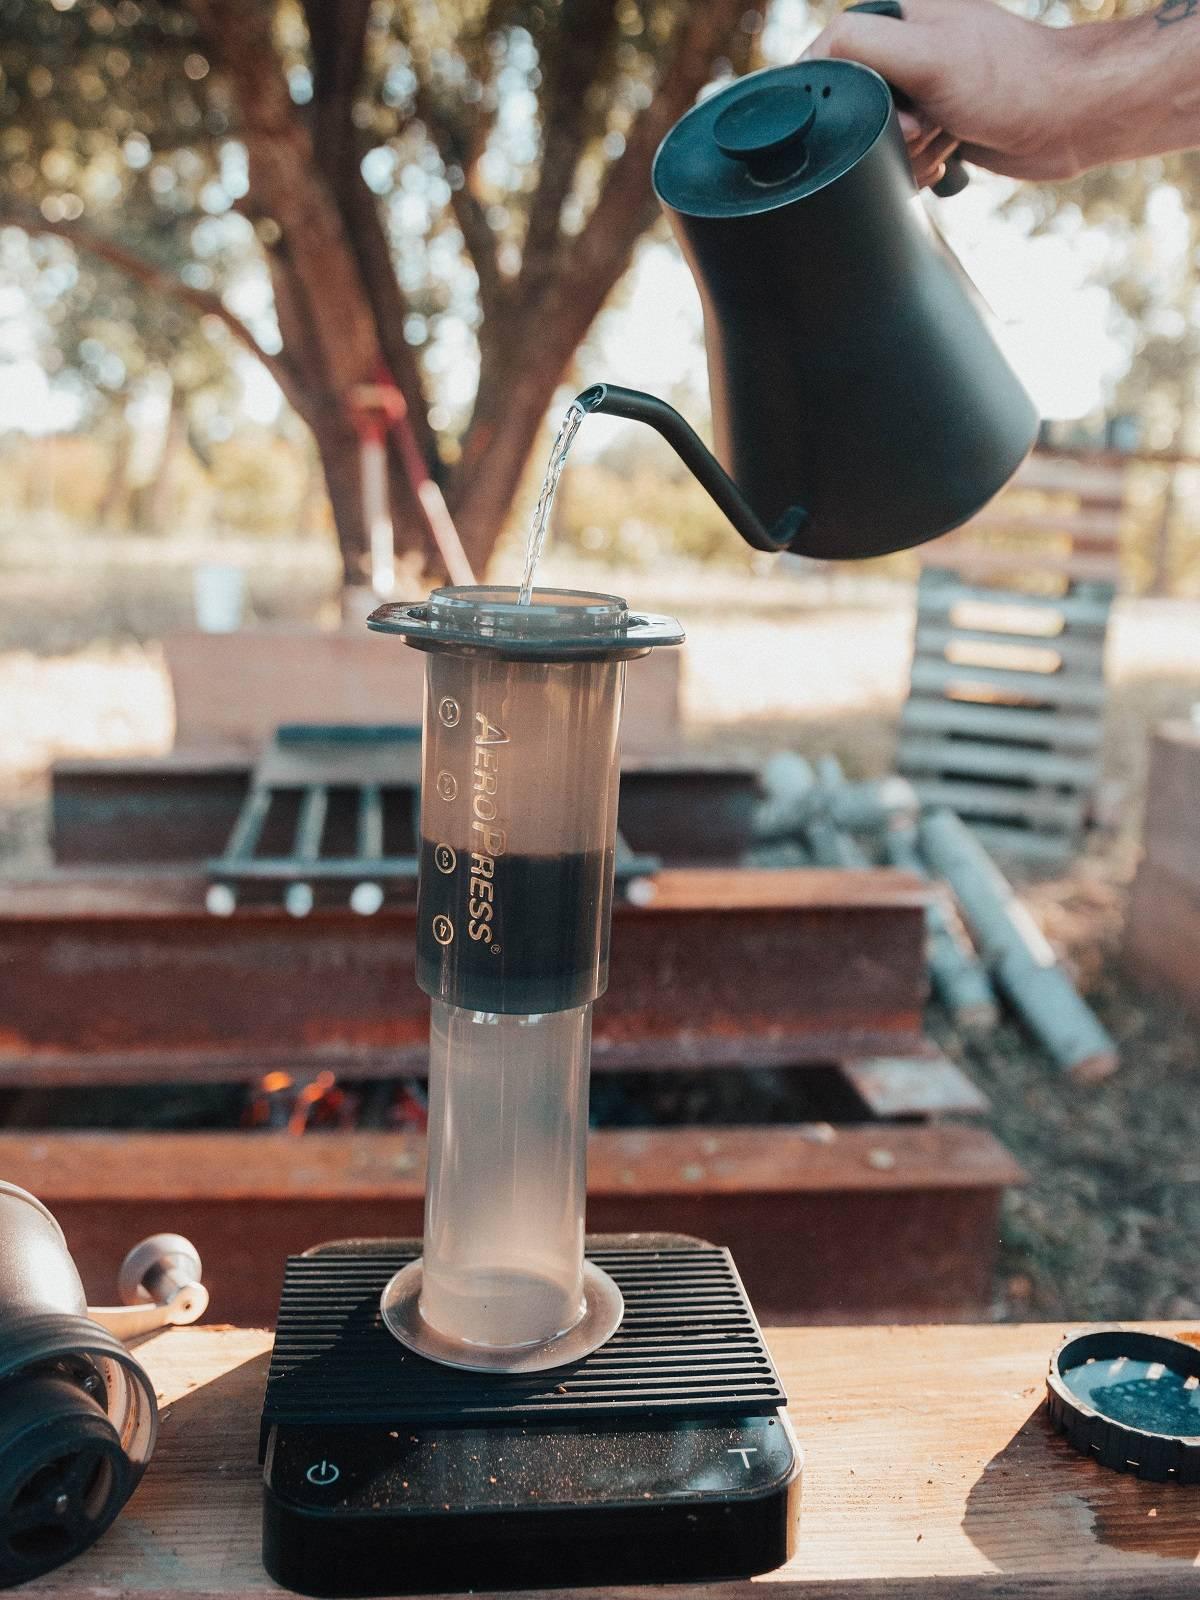 Аэропресс: преимущества и недостатки, пошаговая инструкция приготовления кофе | by kava pro